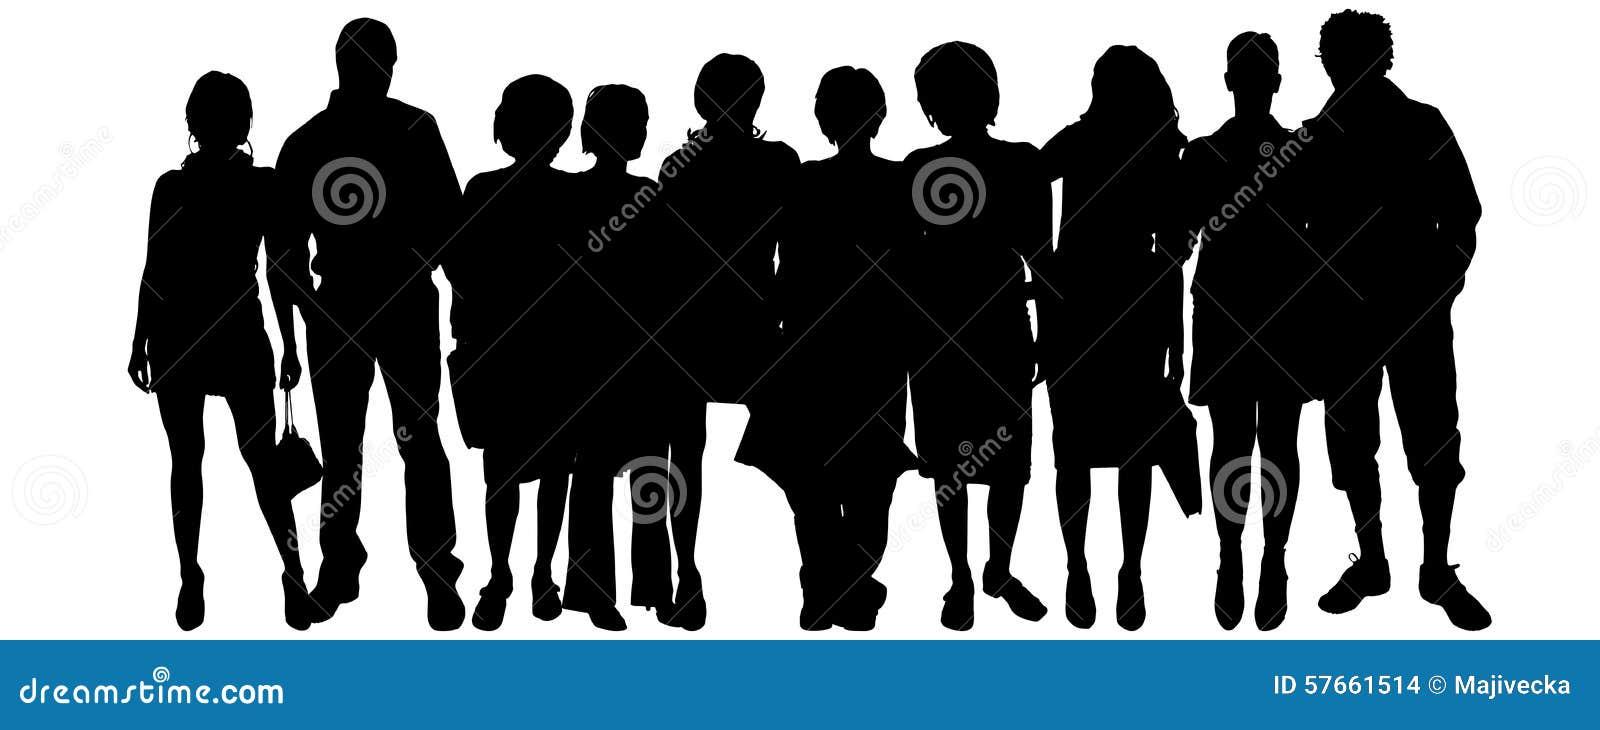 Vektorkontur av en grupp människor